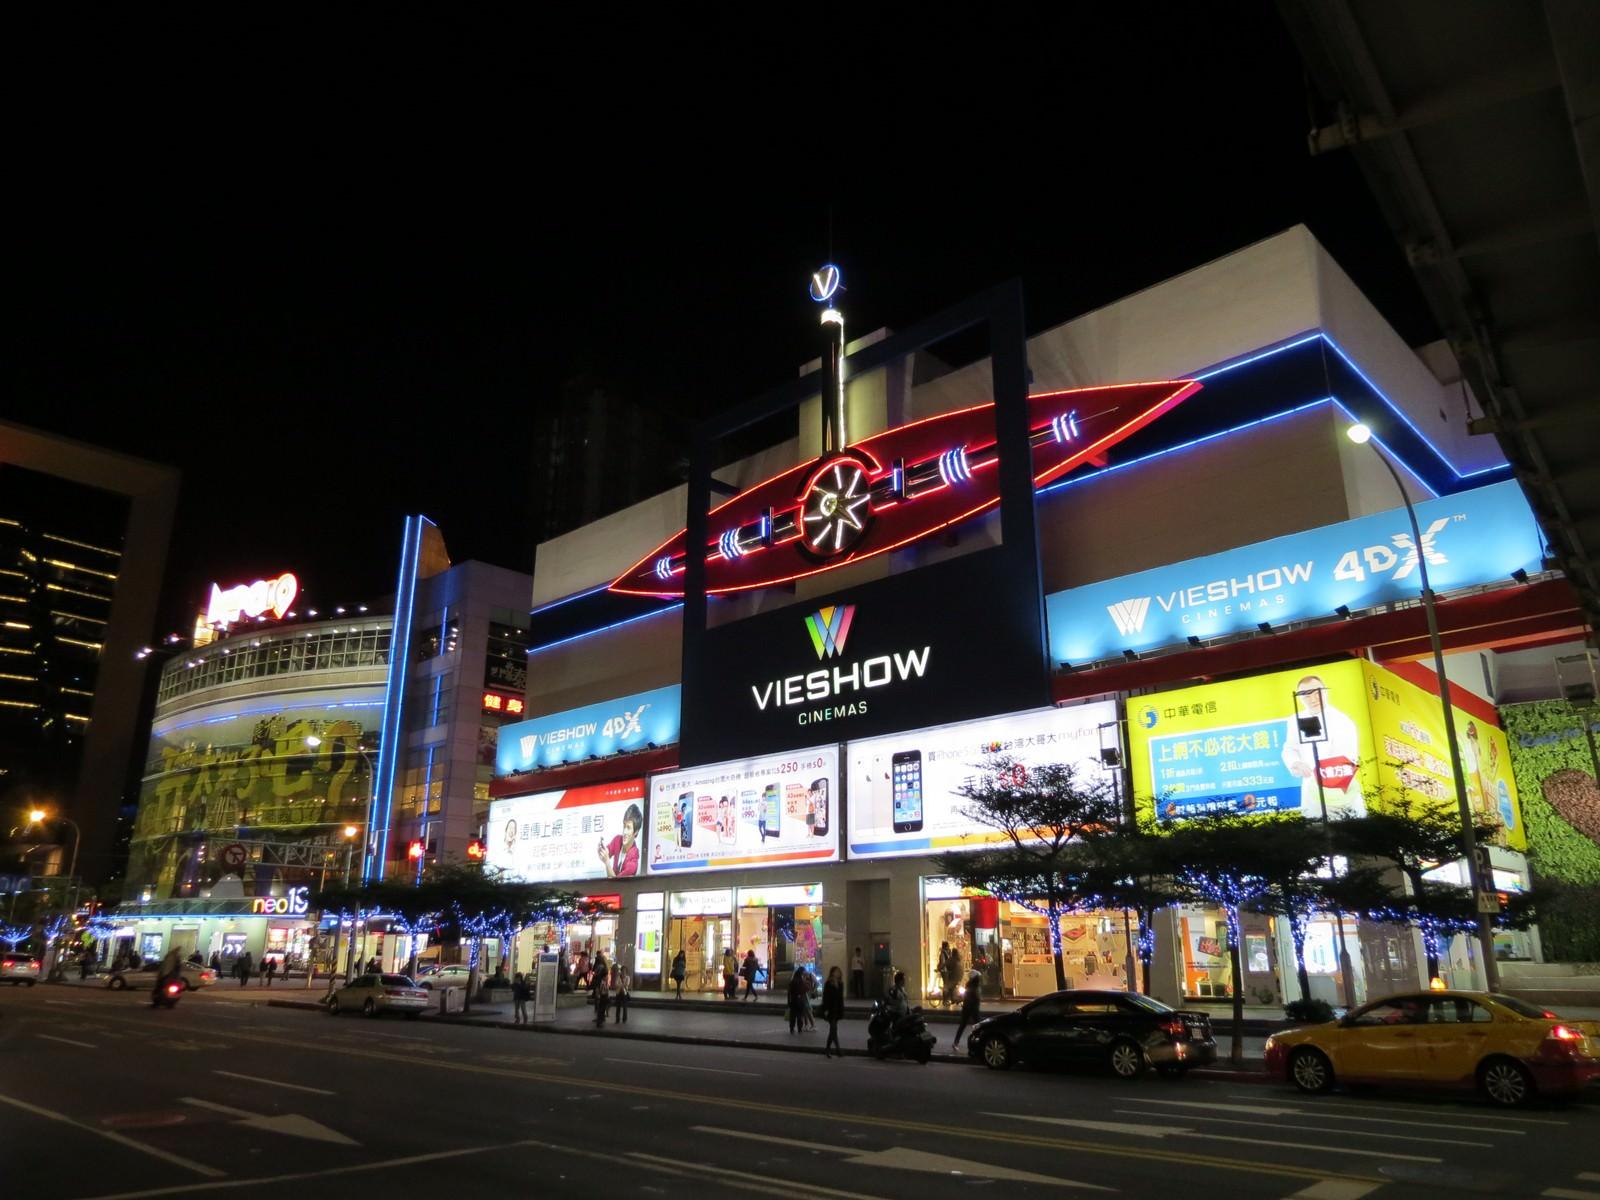 台北信義威秀影城, 外觀